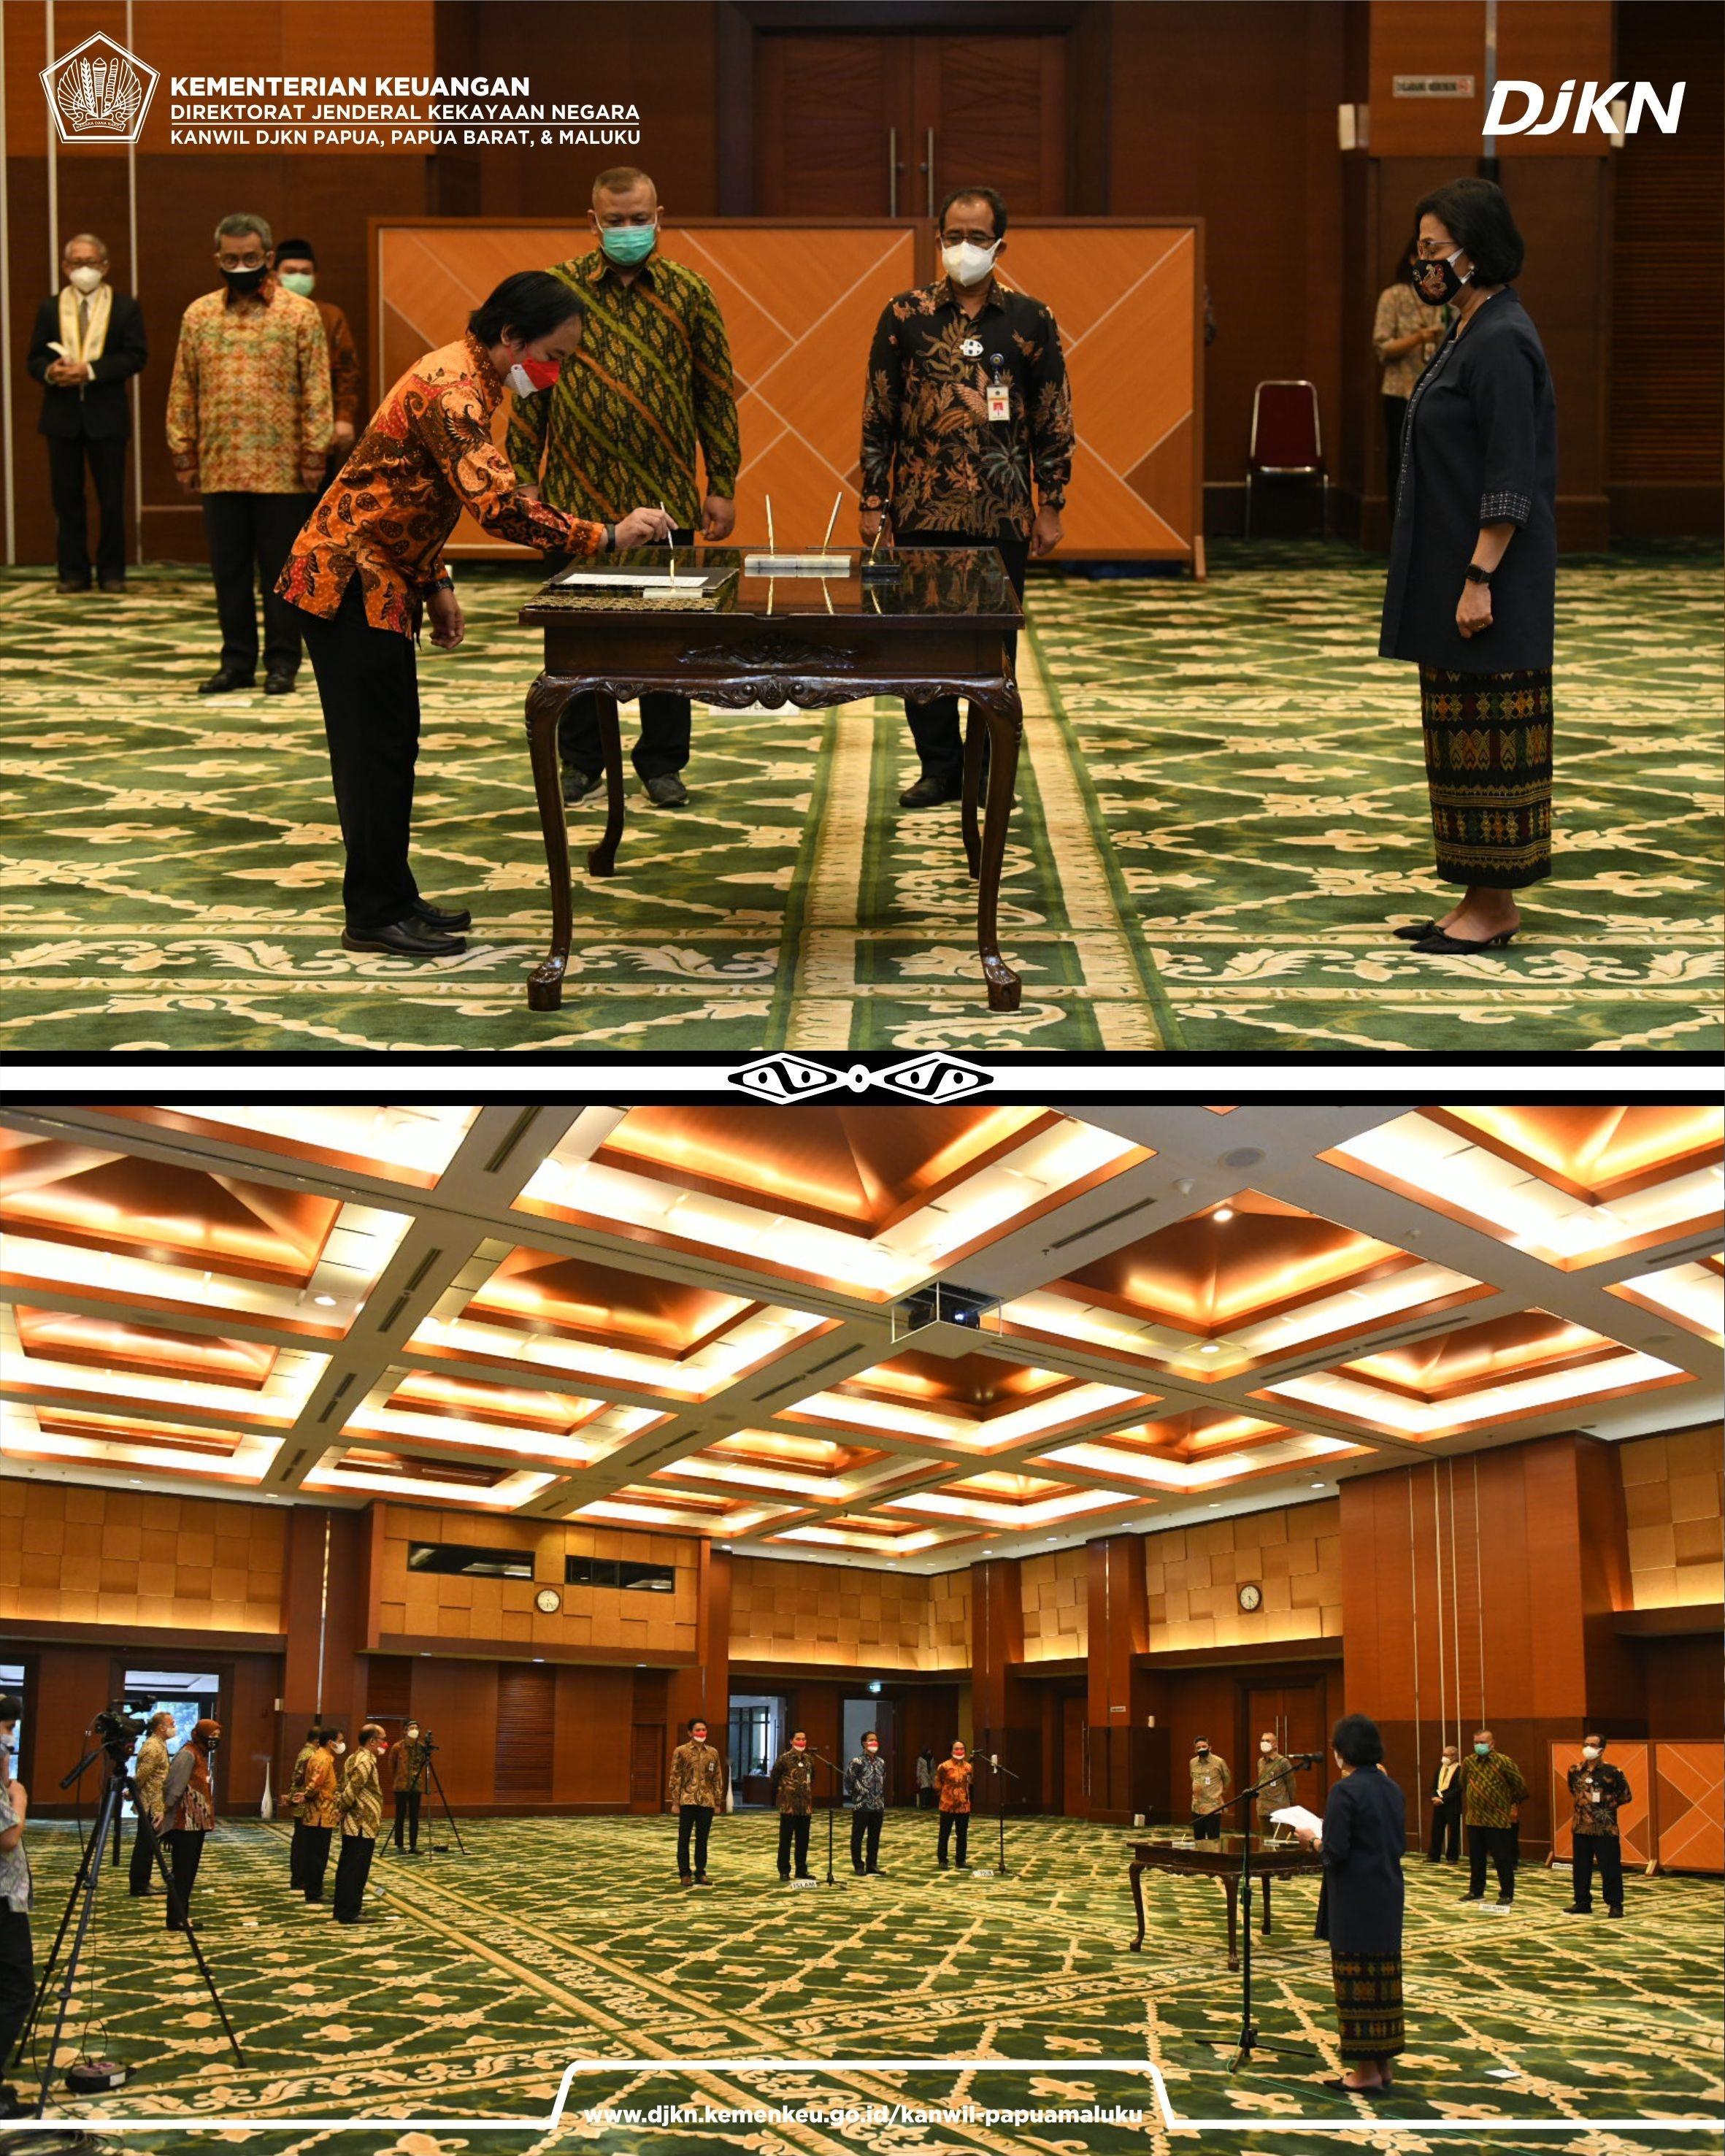 Pelantikan Pejabat Pimpinan Tinggi Kementerian Keuangan